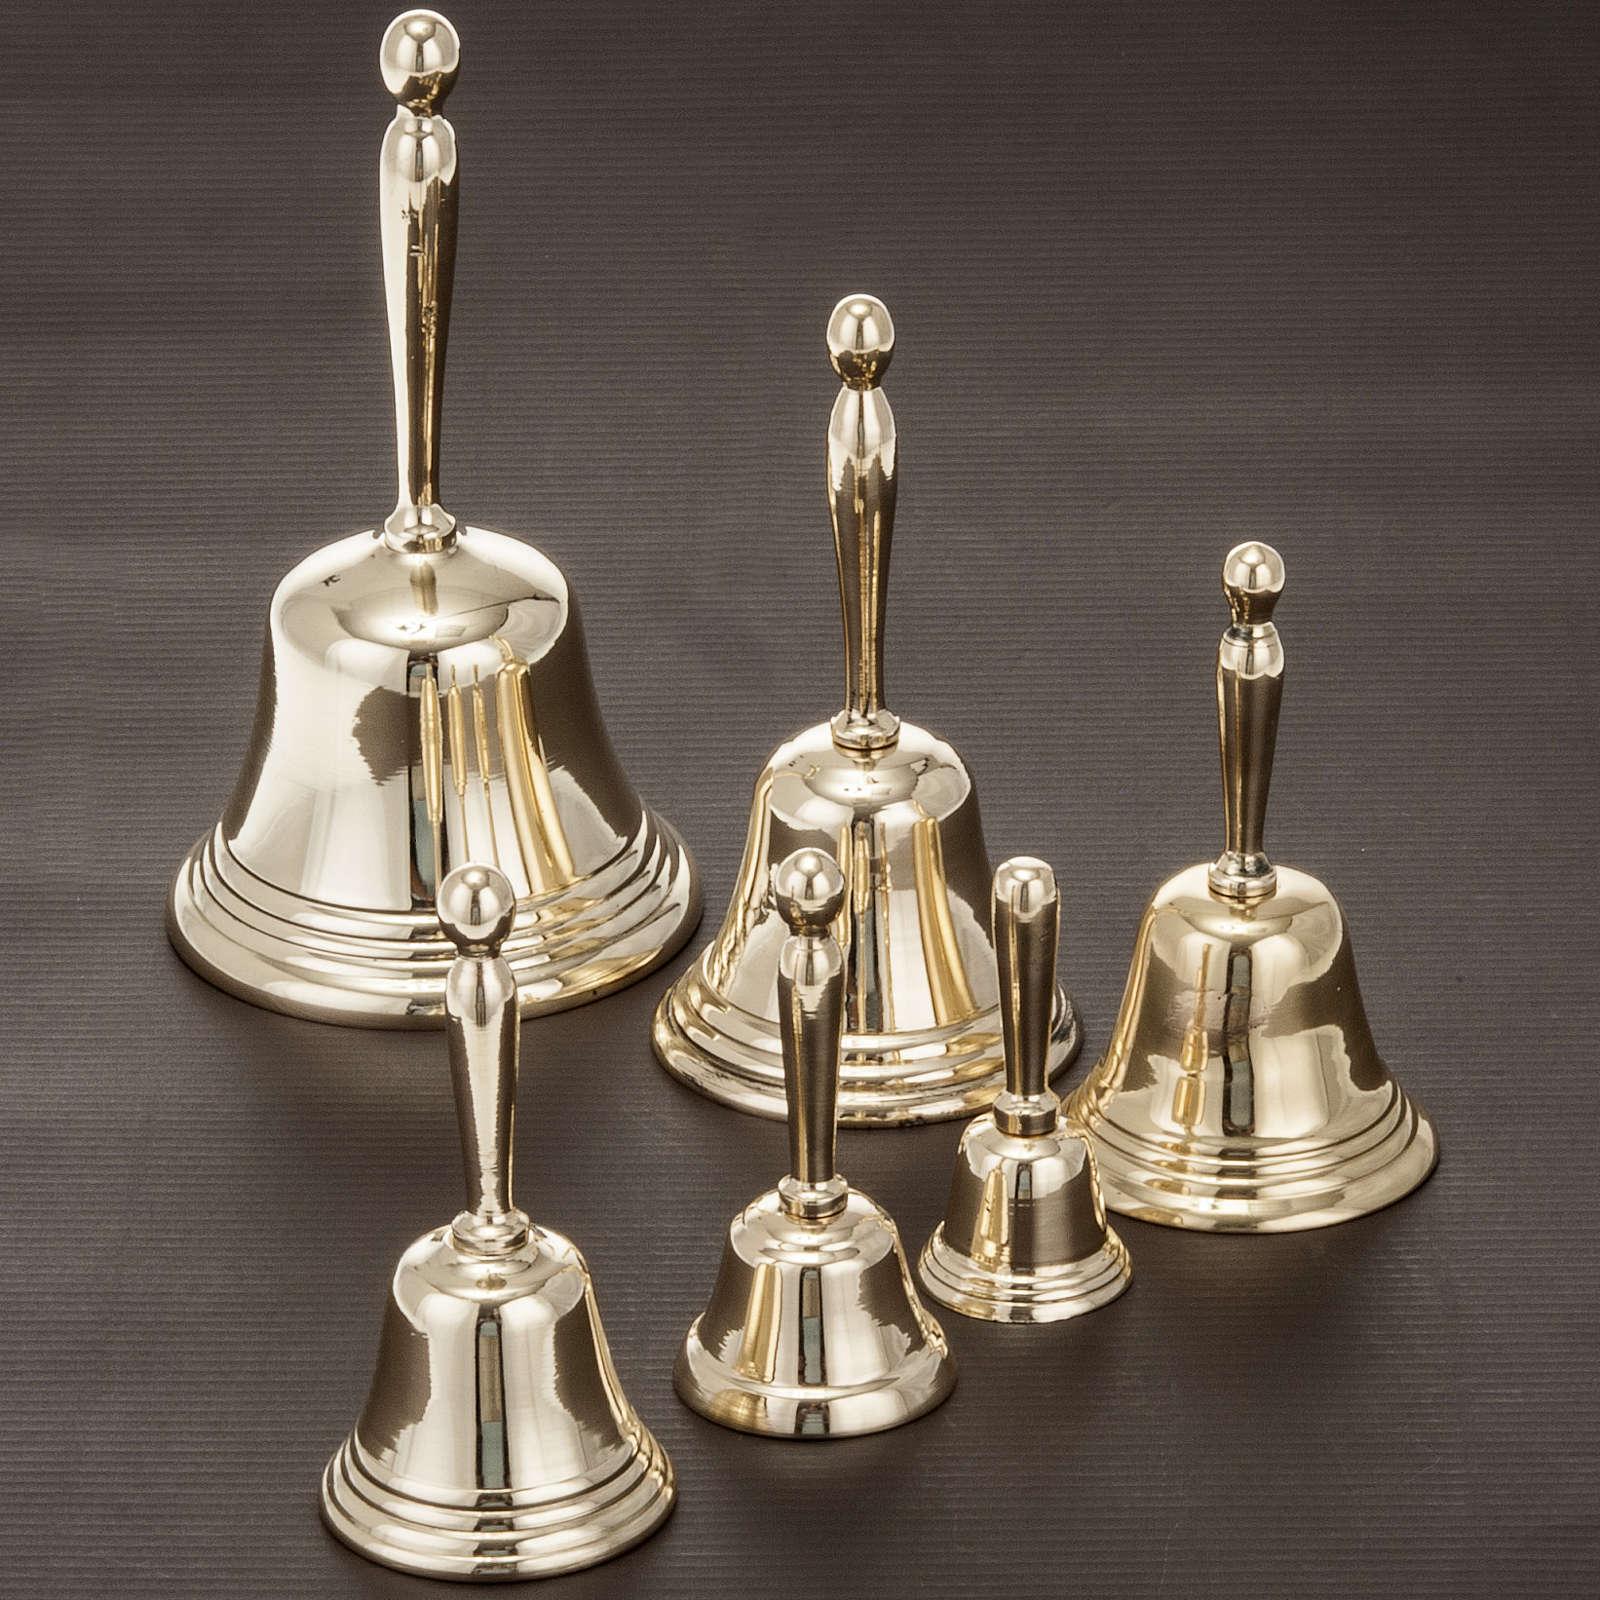 Campanello liturgico un suono dorato varie dimensioni 3